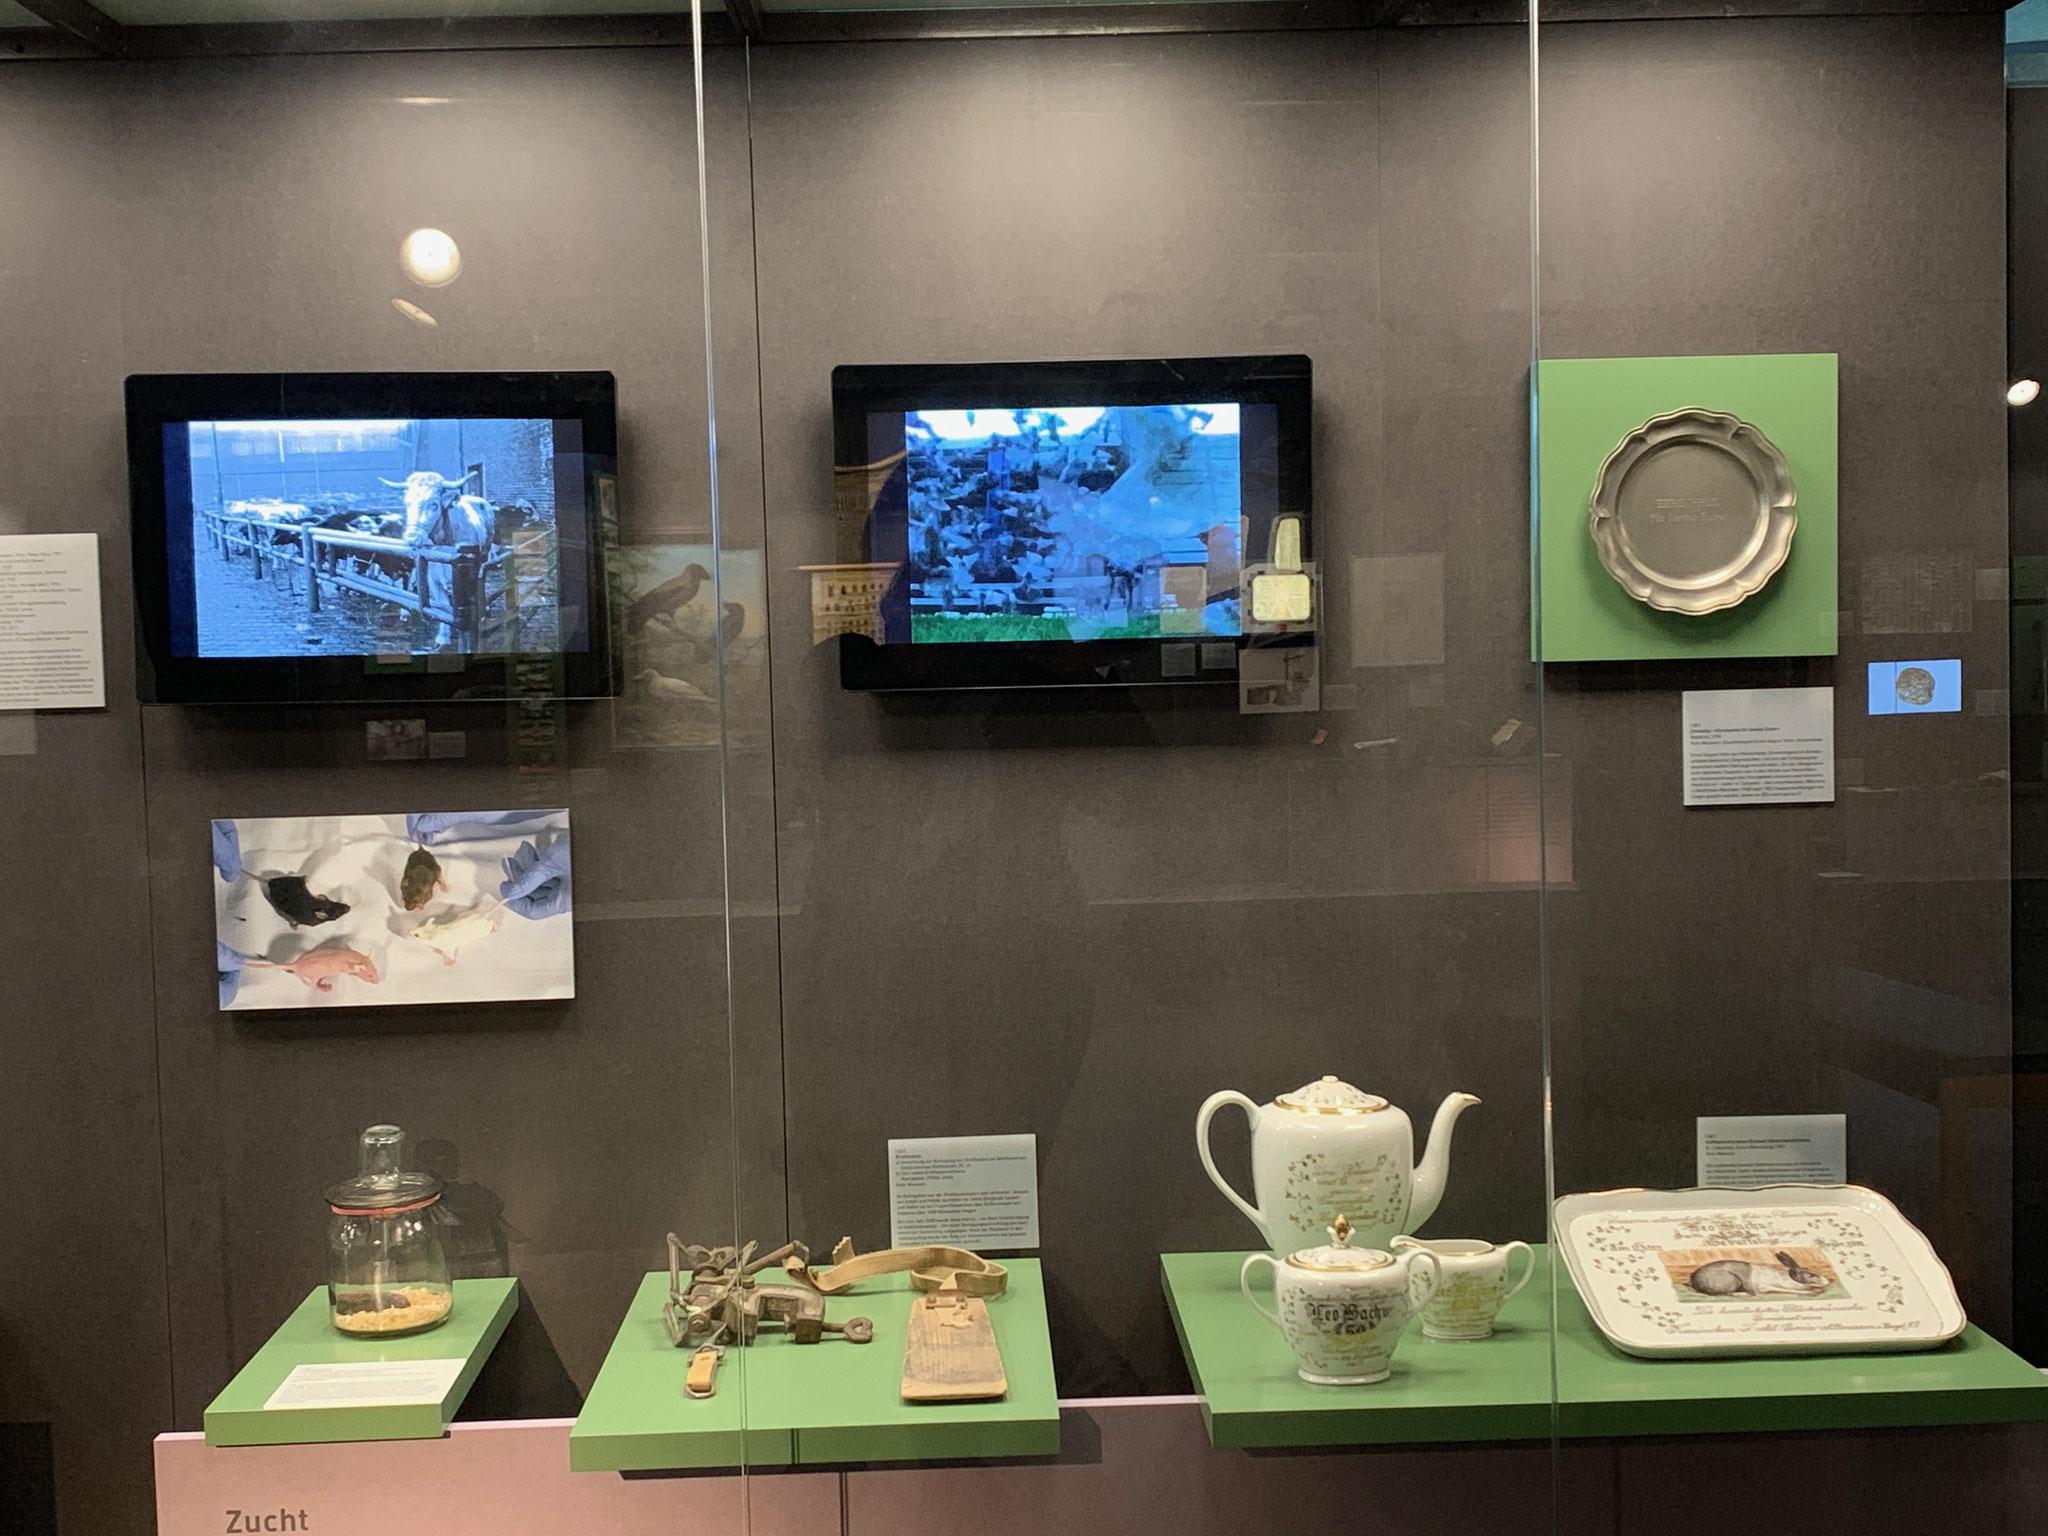 Der Fernseher in der Mitte des Bildes zeigt einen kurzen Film mit dem Auflass von Brieftauben.